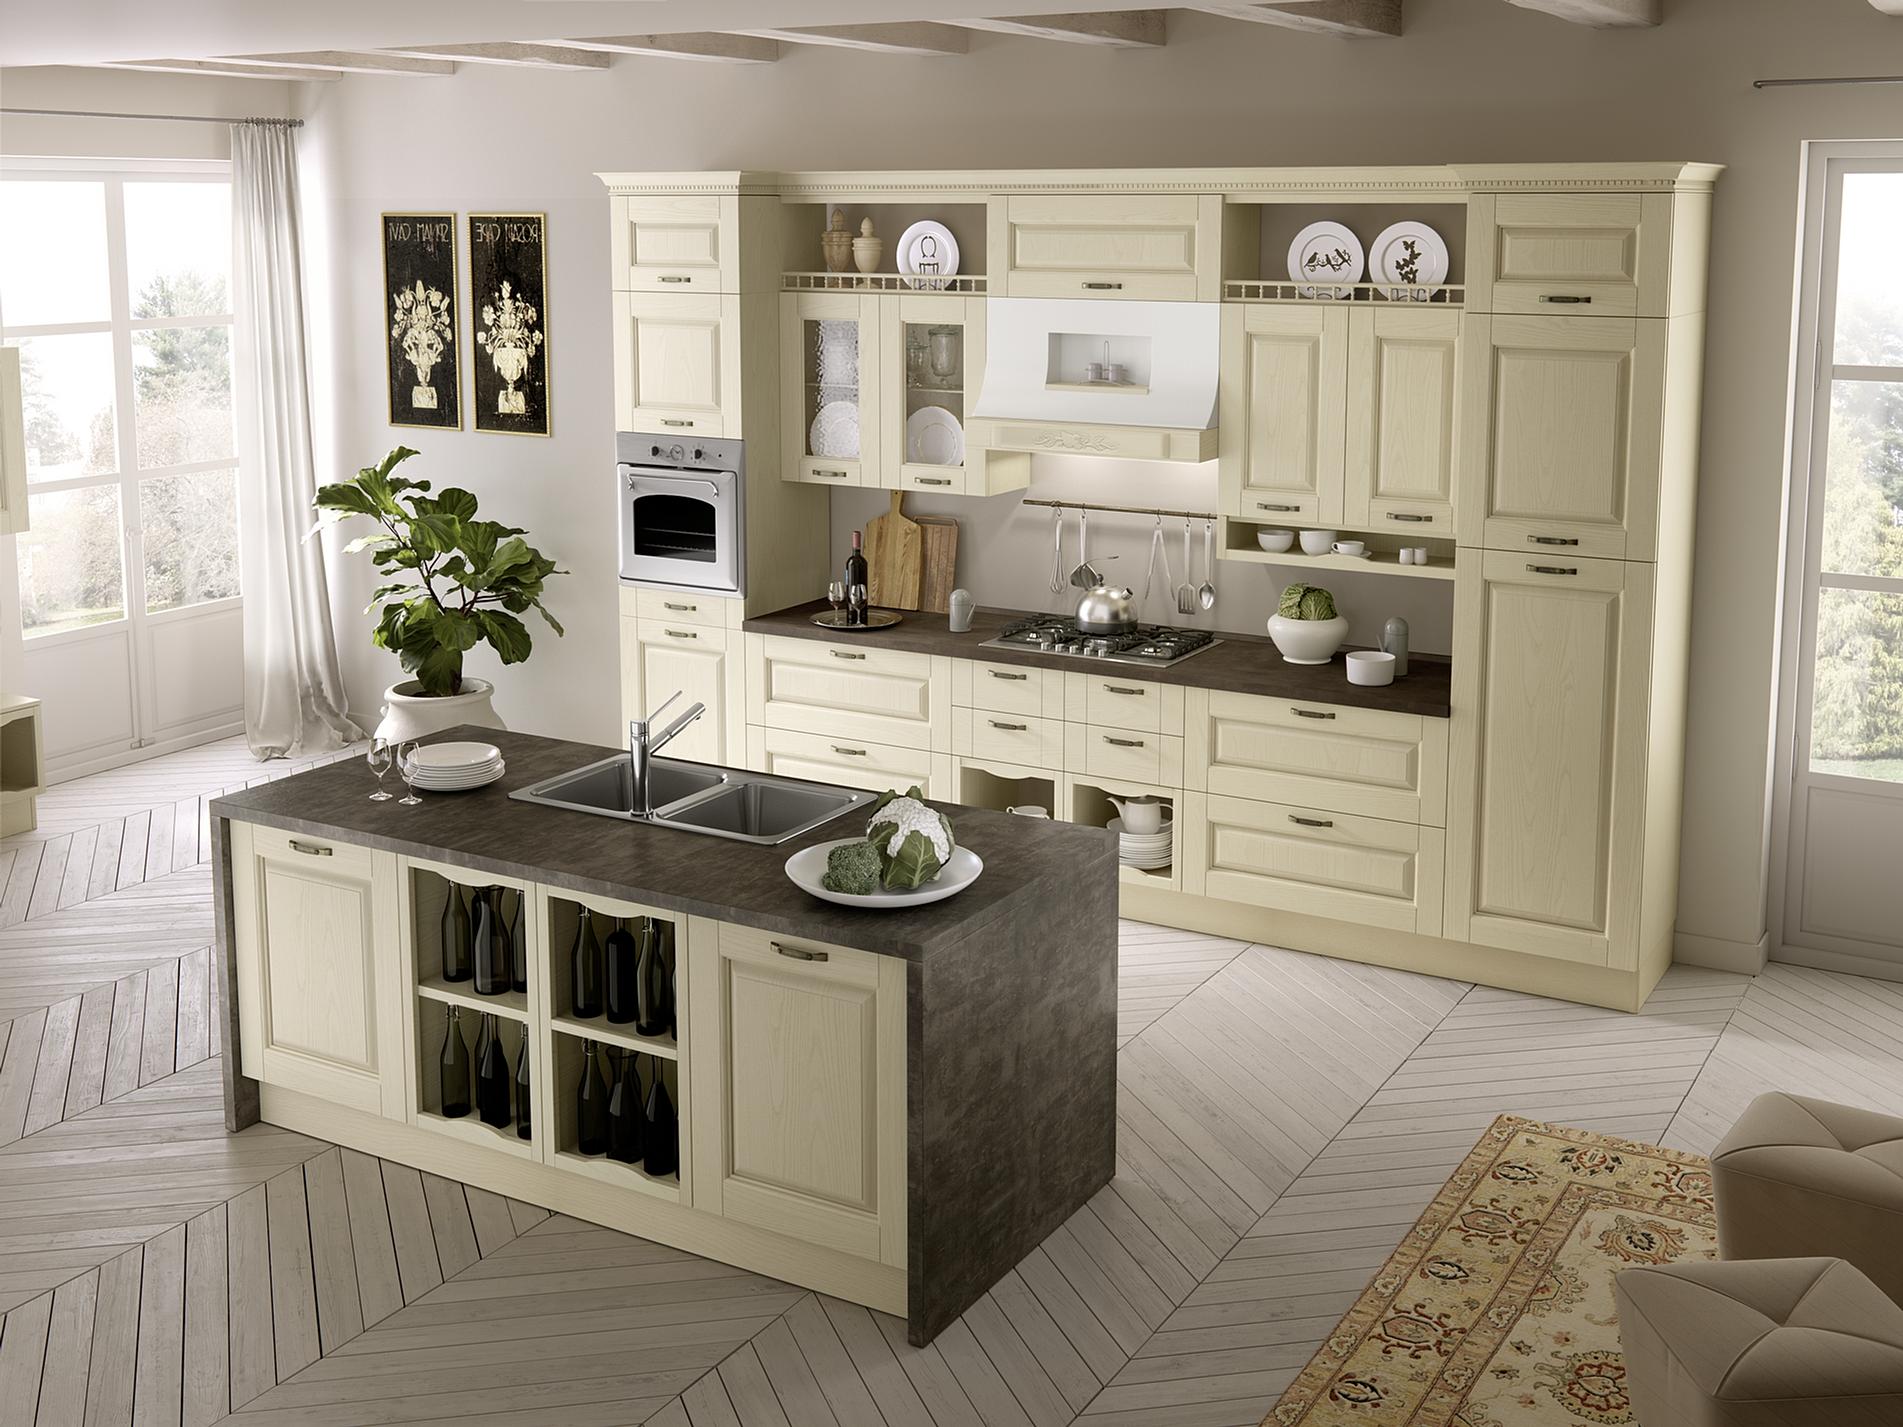 101 Ala Arredamenti - cucine classiche in muratura nr12 ...